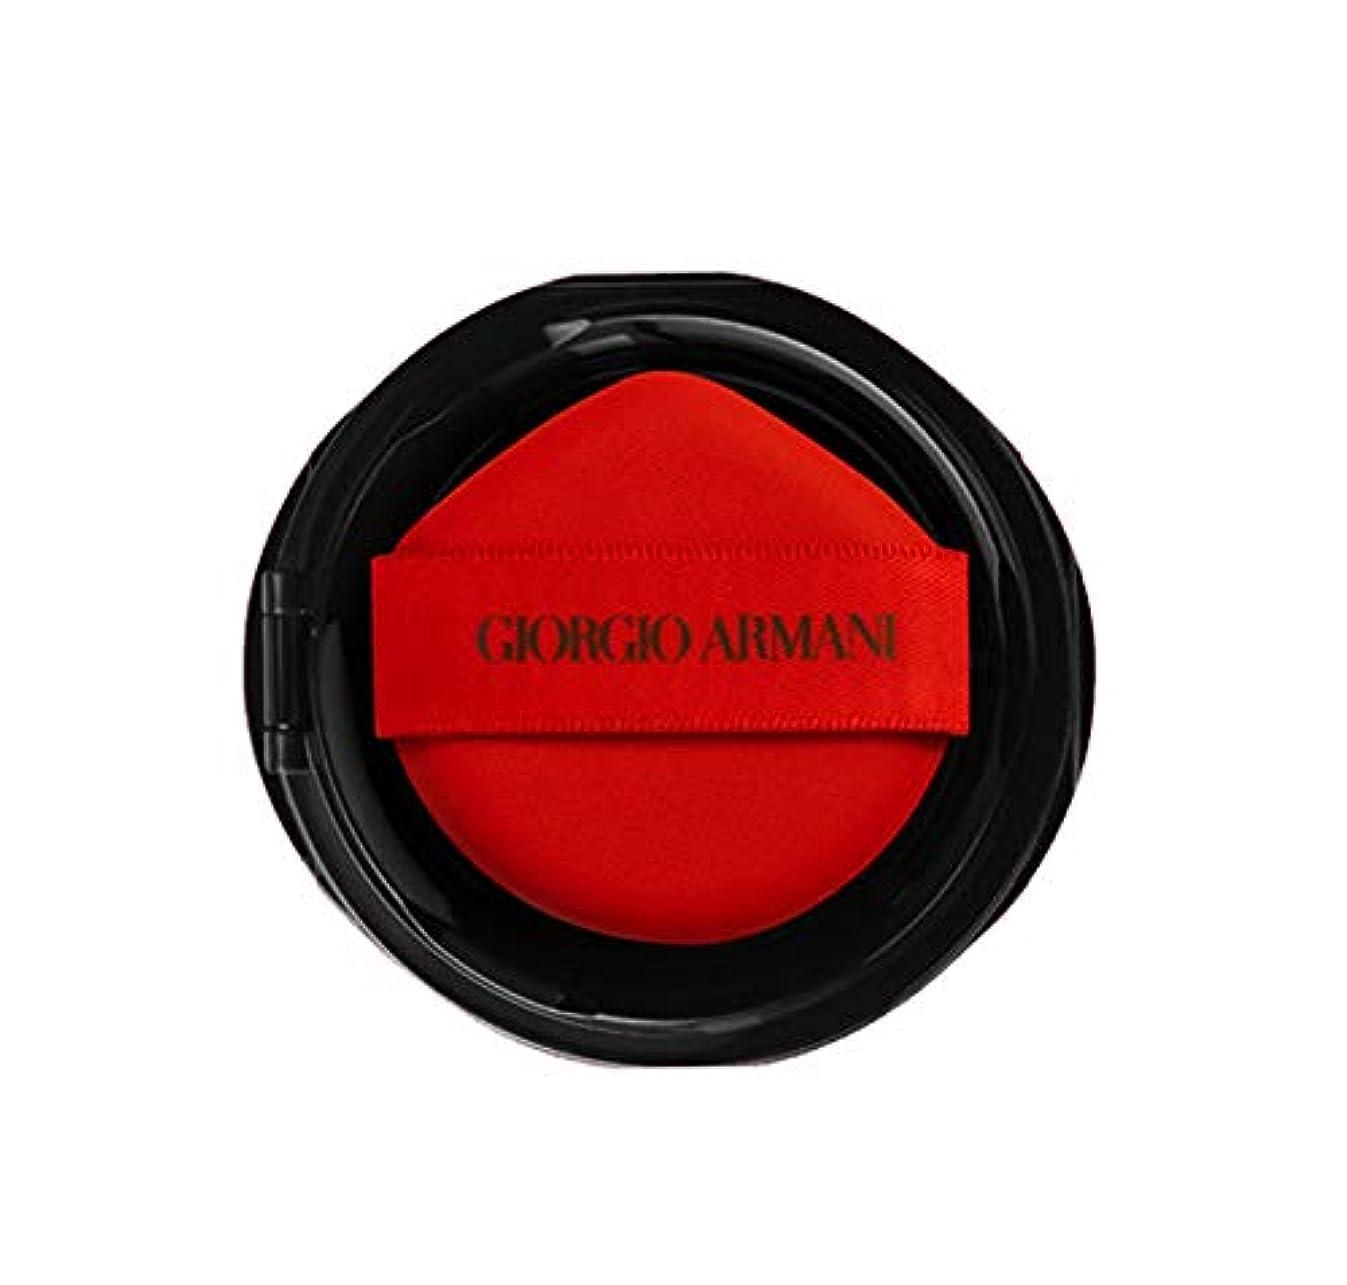 モザイク名誉ある地元【ジョルジオ アルマーニ ビューティ(Giorgio Armani Beauty)】 マイ アルマーニ トゥ ゴー クッション(レフィル) SPF23 PA+++ 15g # 2